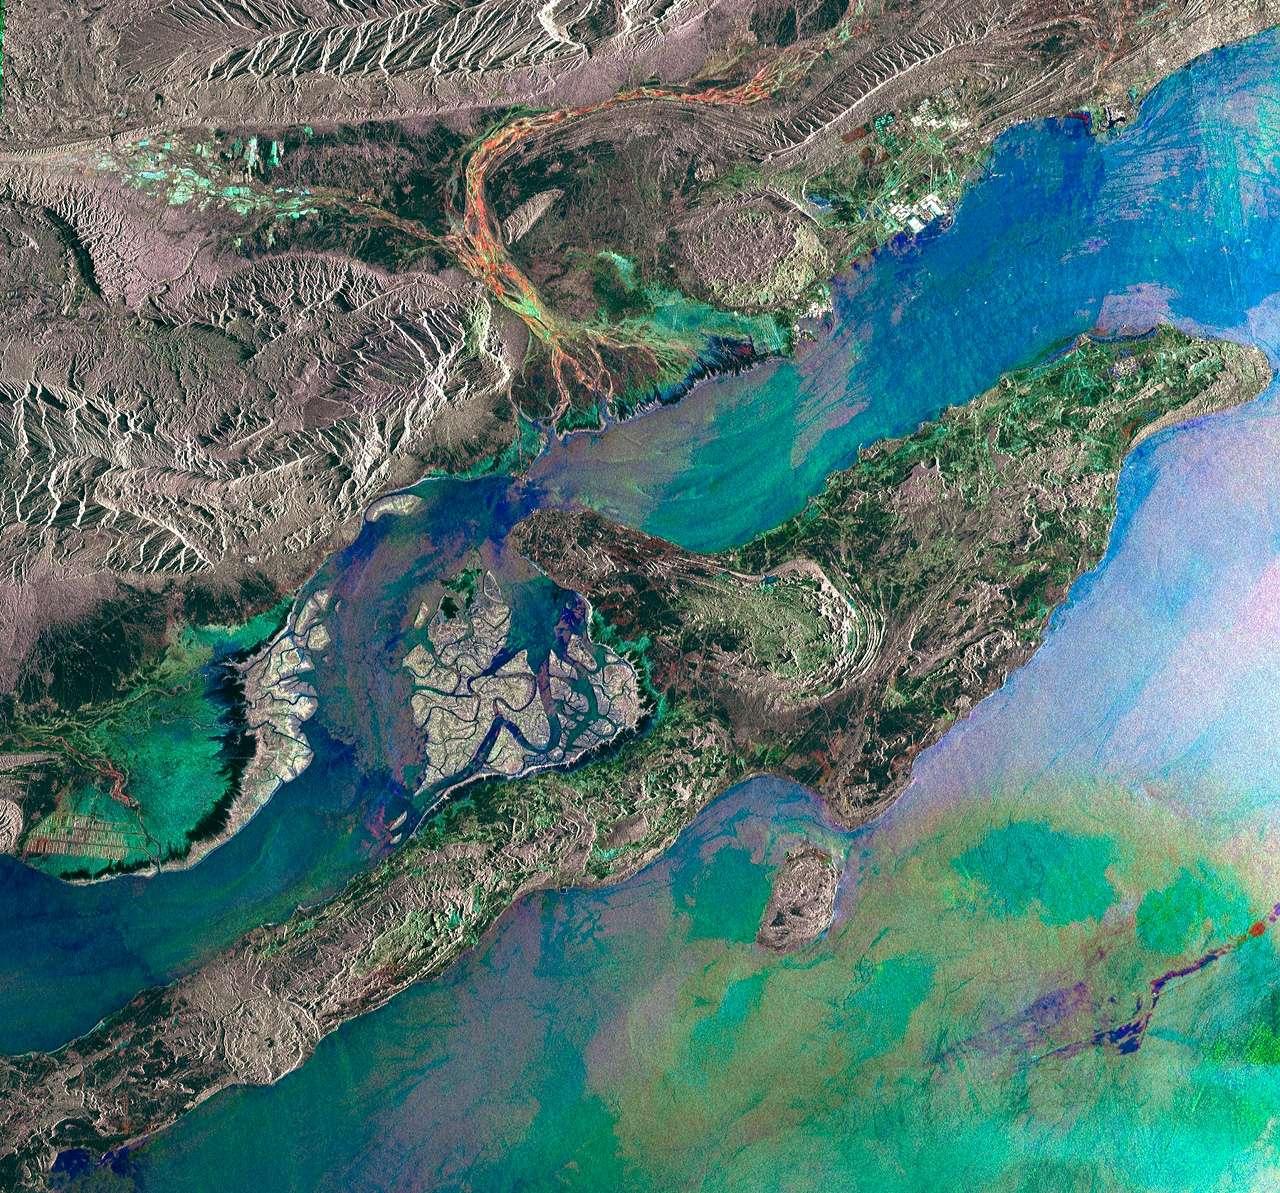 Cette image prise par Envisat nous dévoile la plus grande île du golfe Persique : l'île iranienne de Qeshm. © Esa